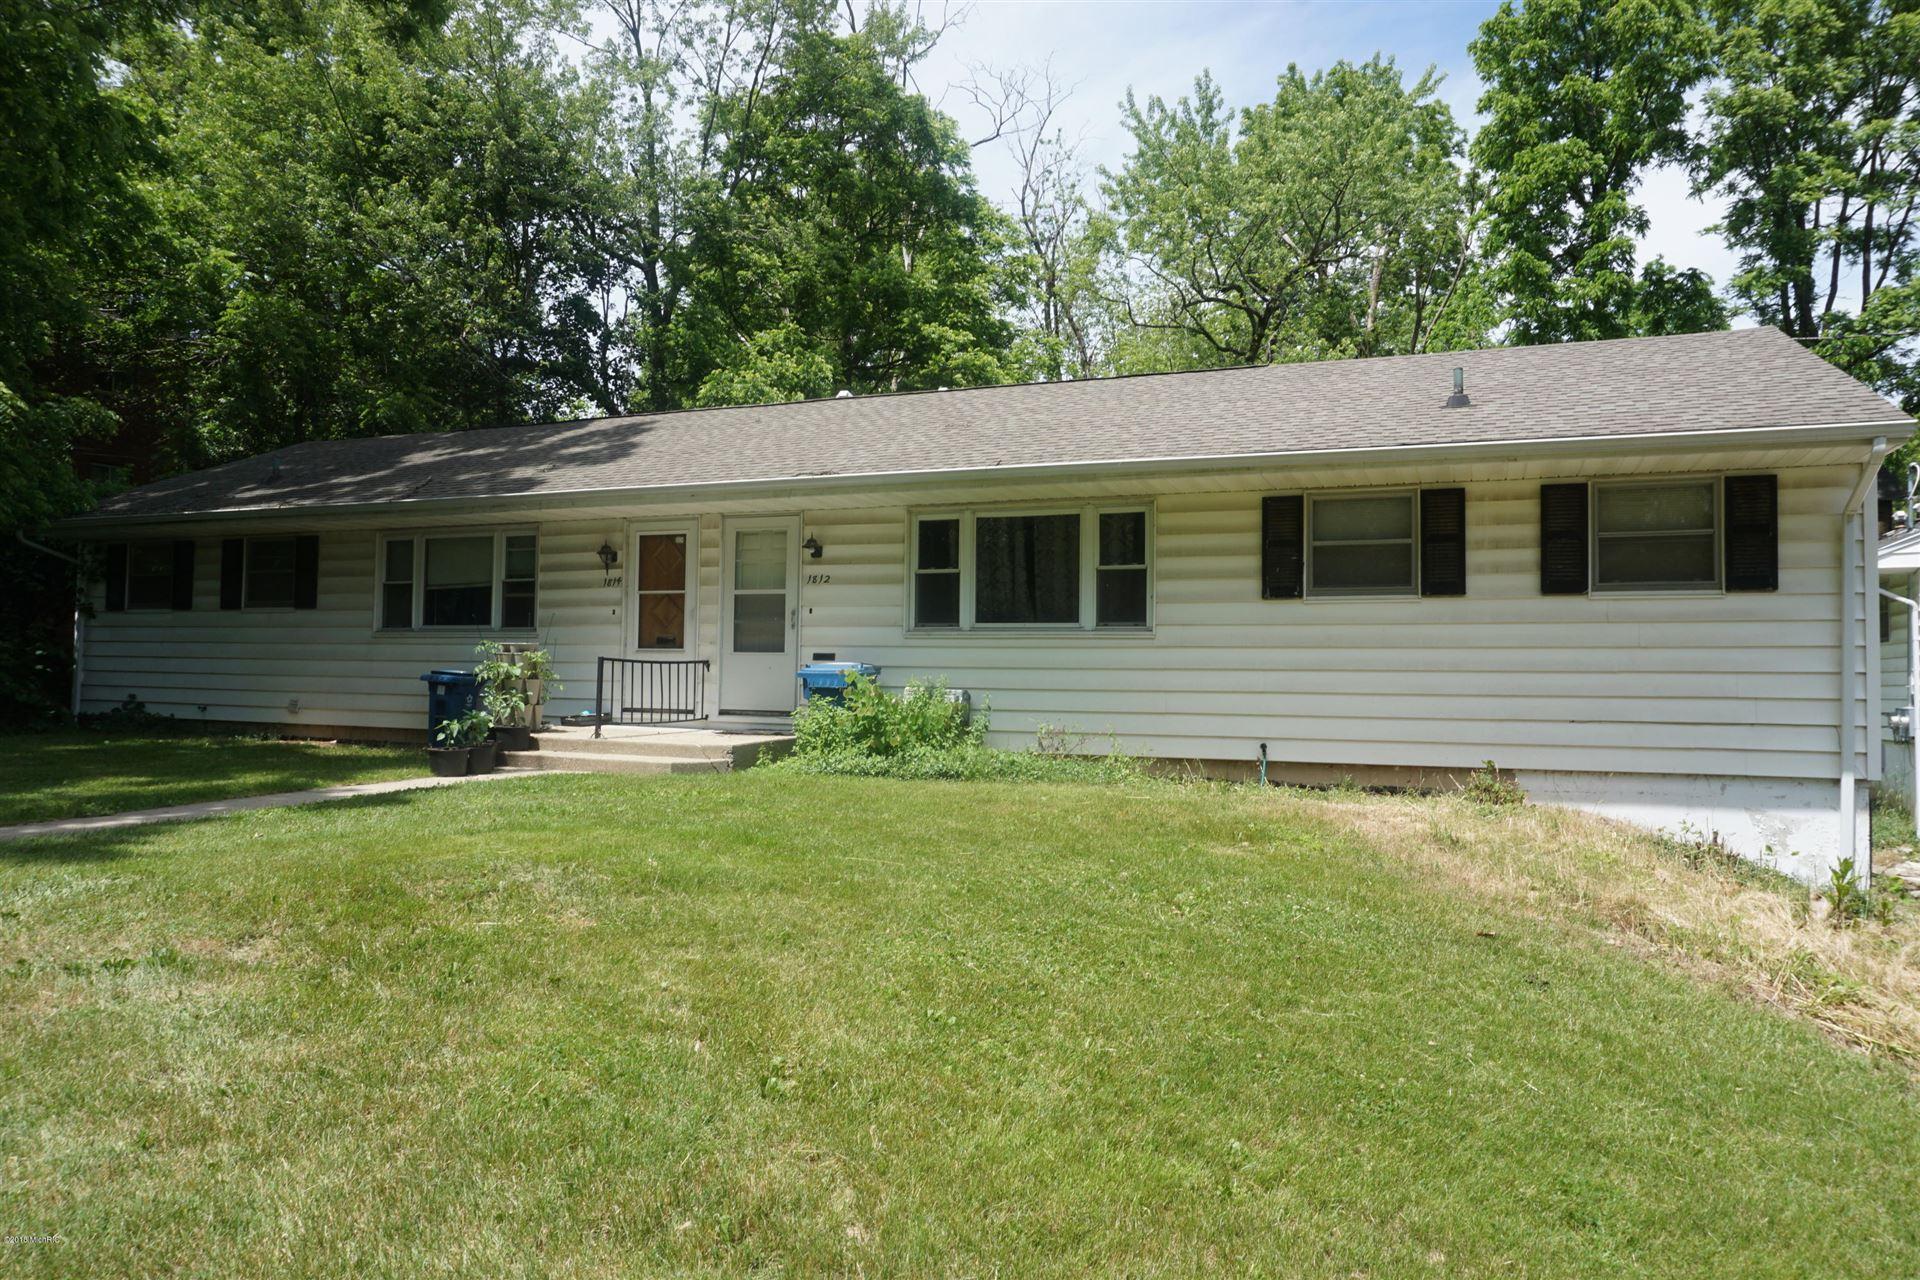 1814 Academy Street, Kalamazoo, MI 49006 - MLS#: 20027465